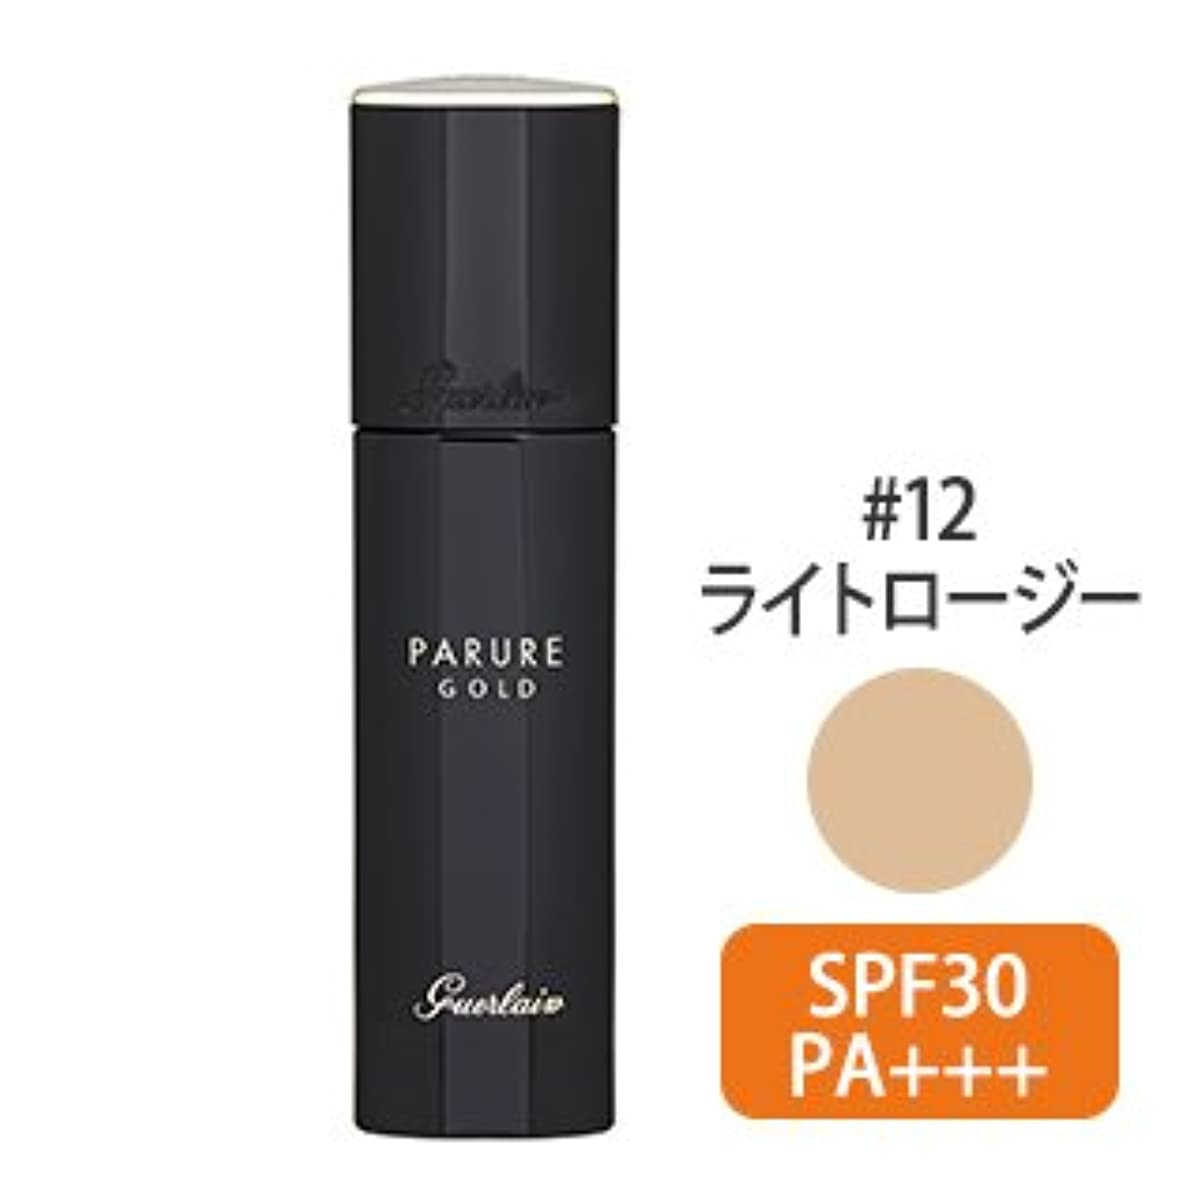 ペパーミント毎週スイス人ゲラン(Guerlain) パリュール ゴールド フルイド SPF30/PA+++ #12(ライトロージー) 30ml [並行輸入品]